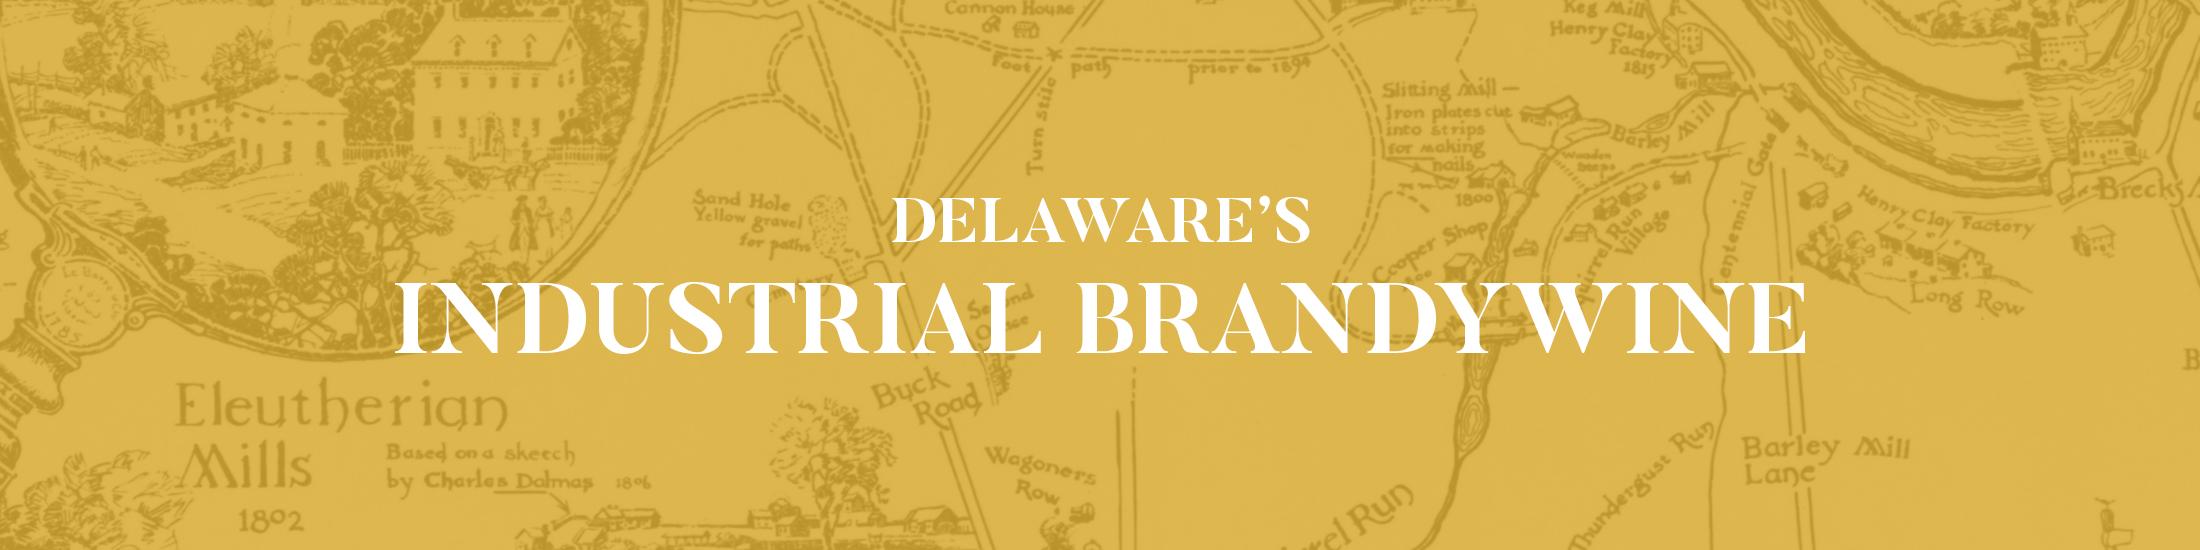 Delaware's Industrial Brandywine Digital Exhibit